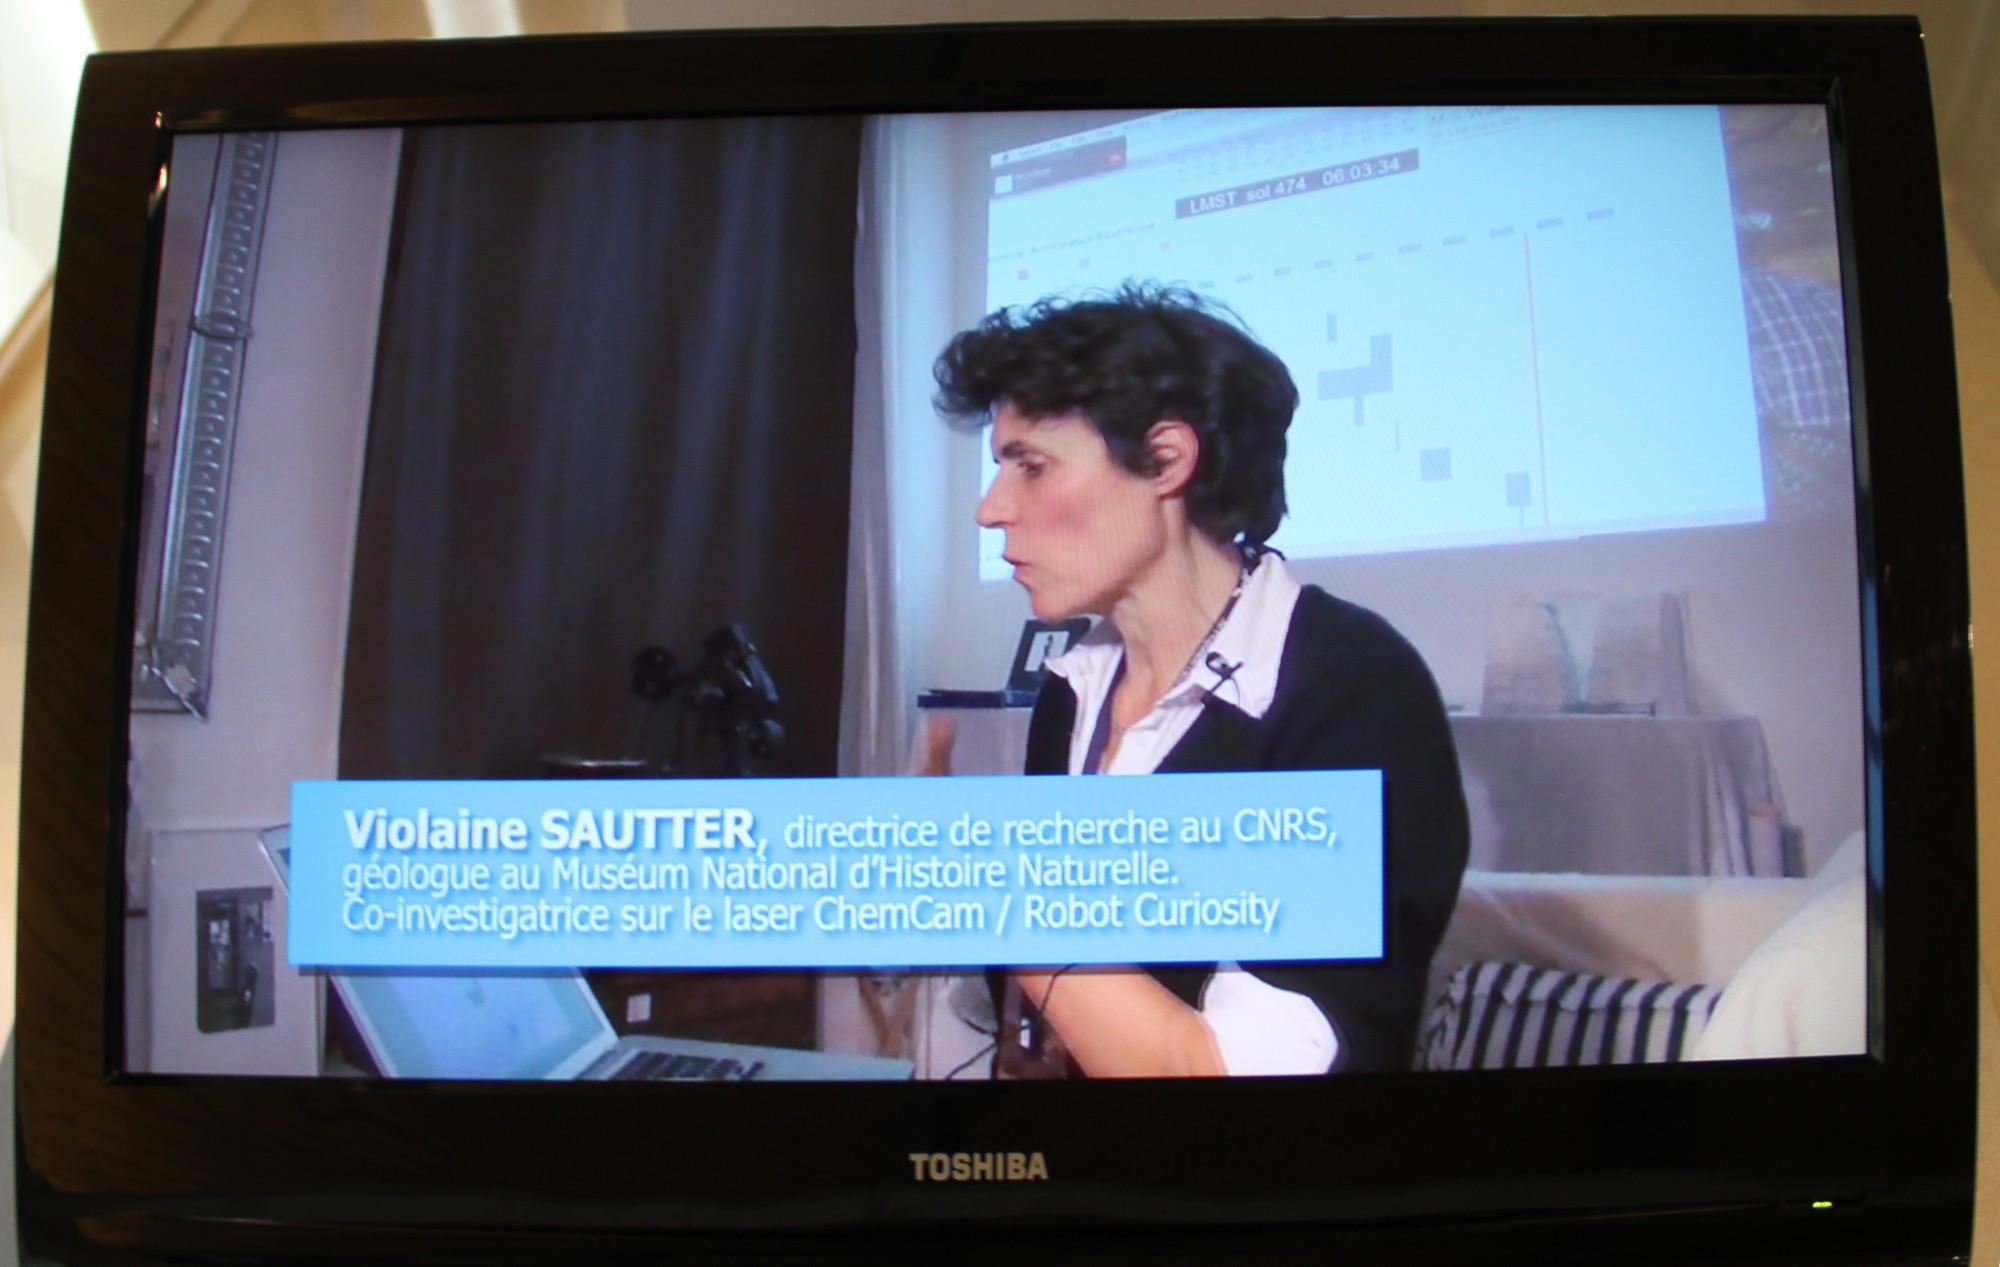 Violaine Sautter